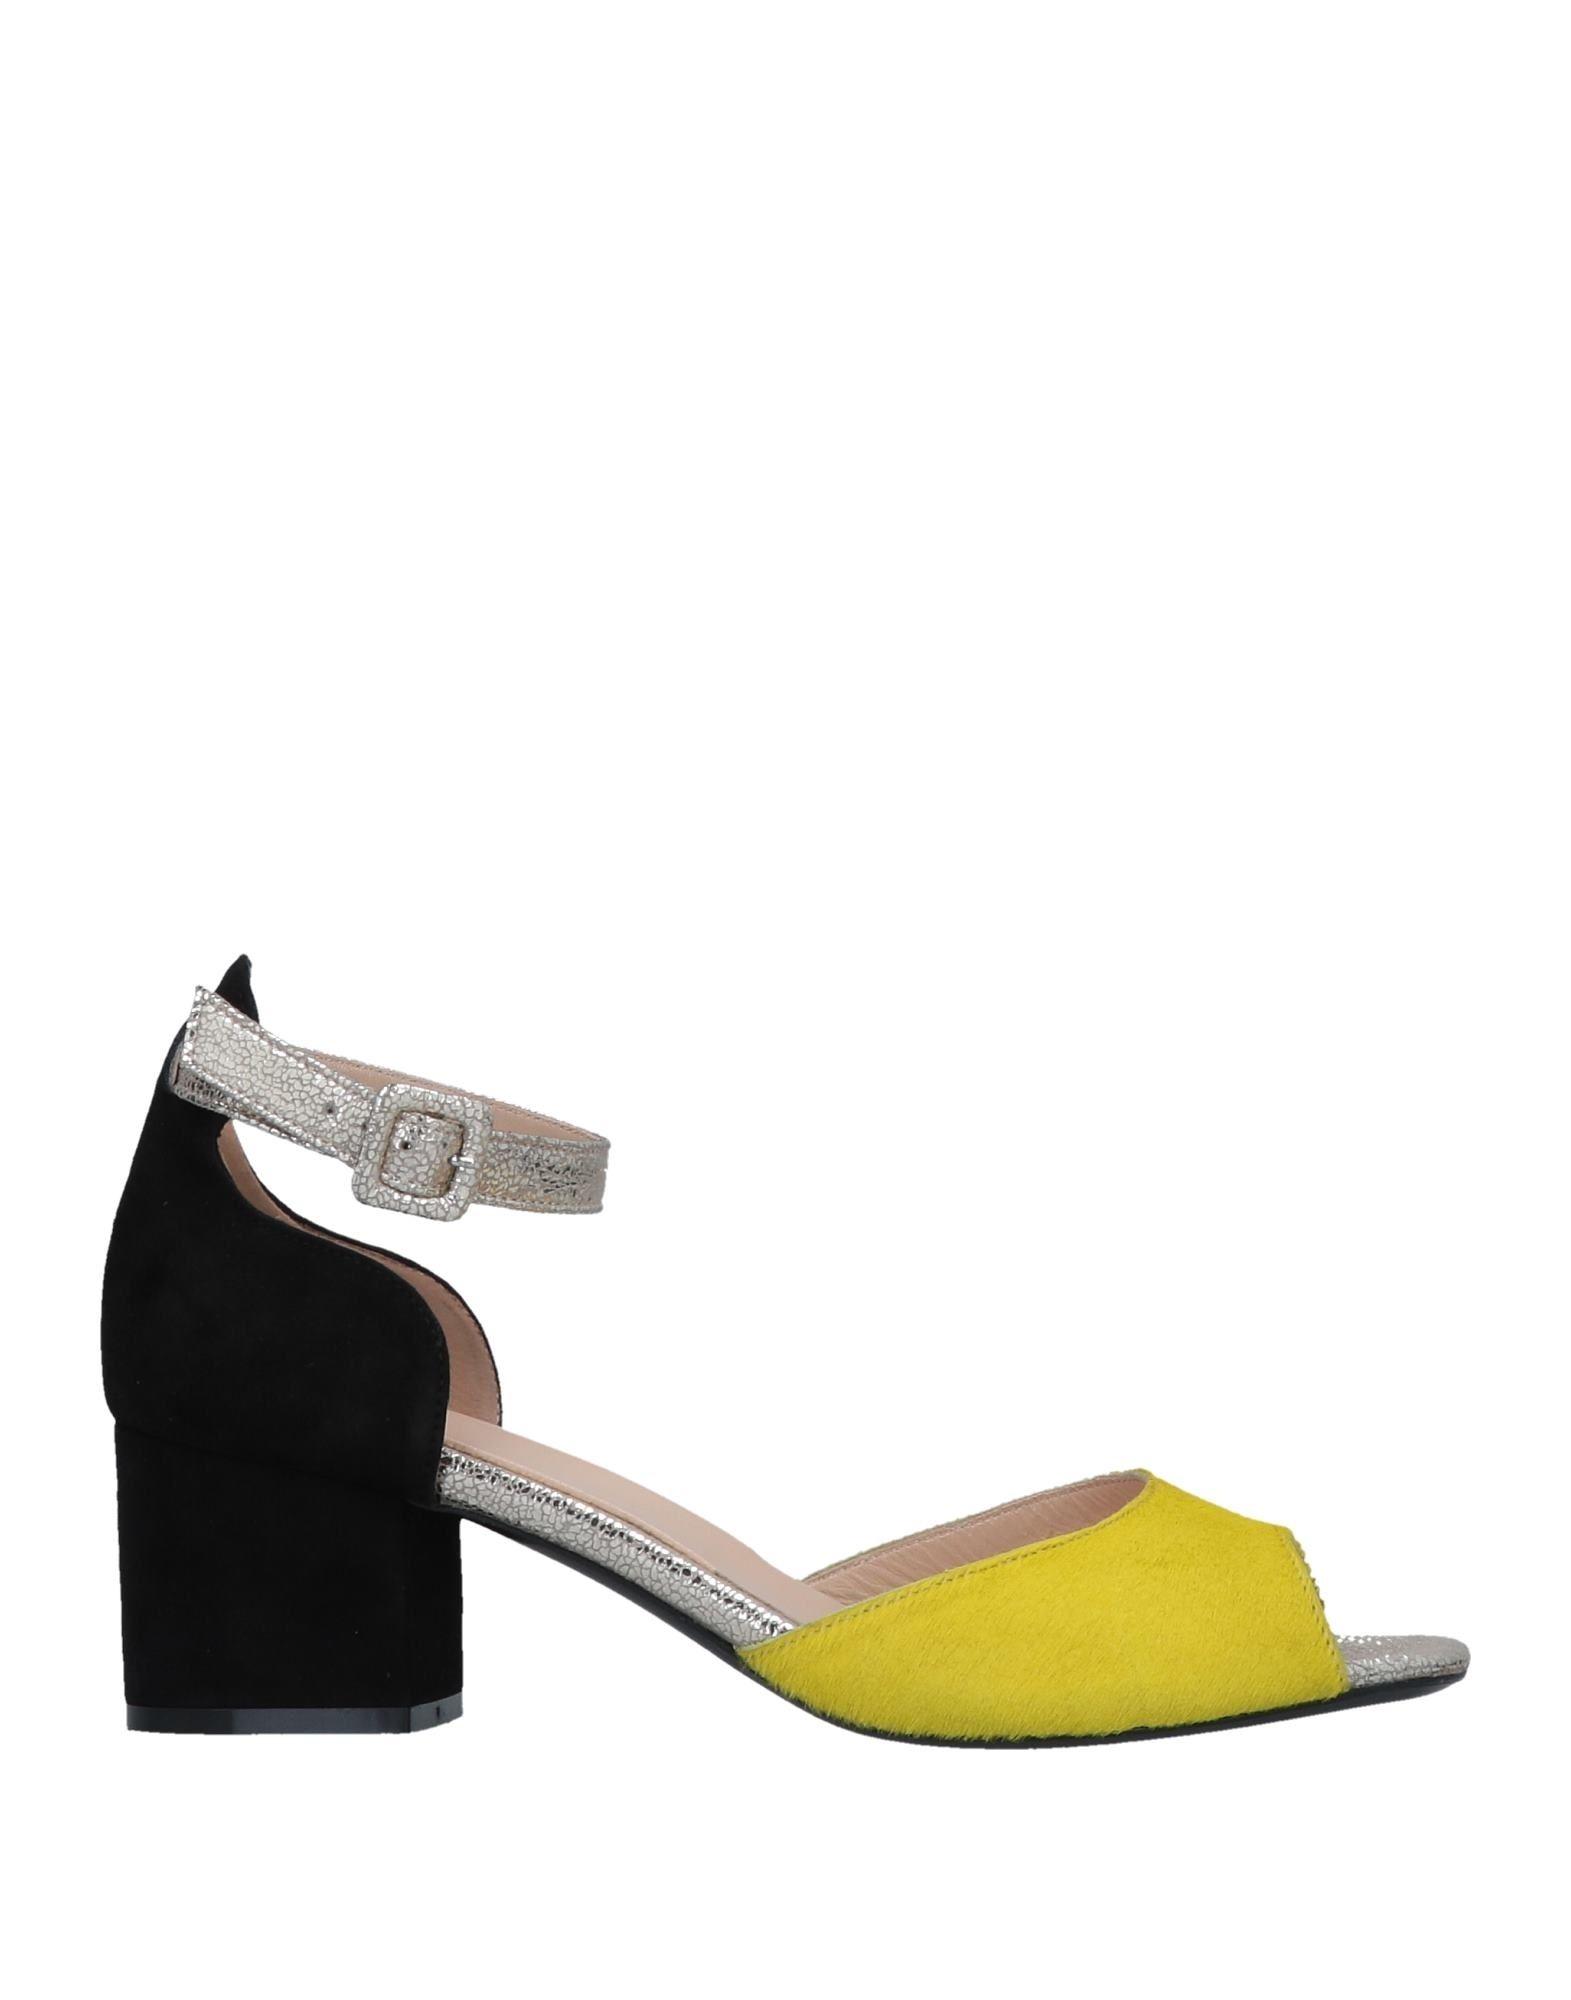 Sandali Millà Donna - 11509747MT Scarpe economiche e buone